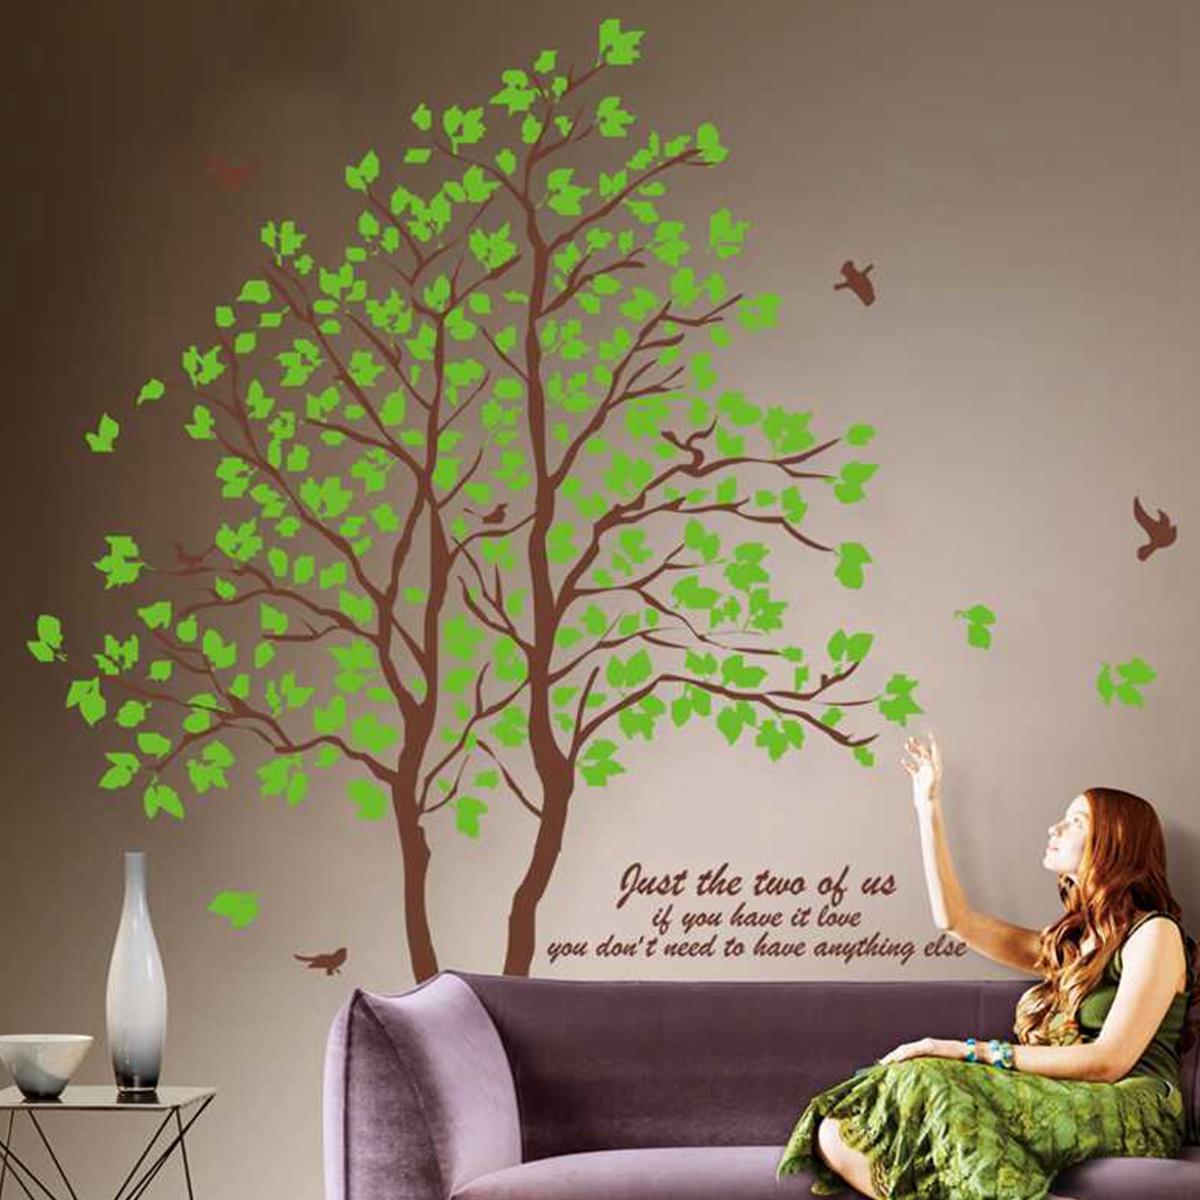 Sticker mural papier peint amovible chat souris mignon for Autocollant mural arbre